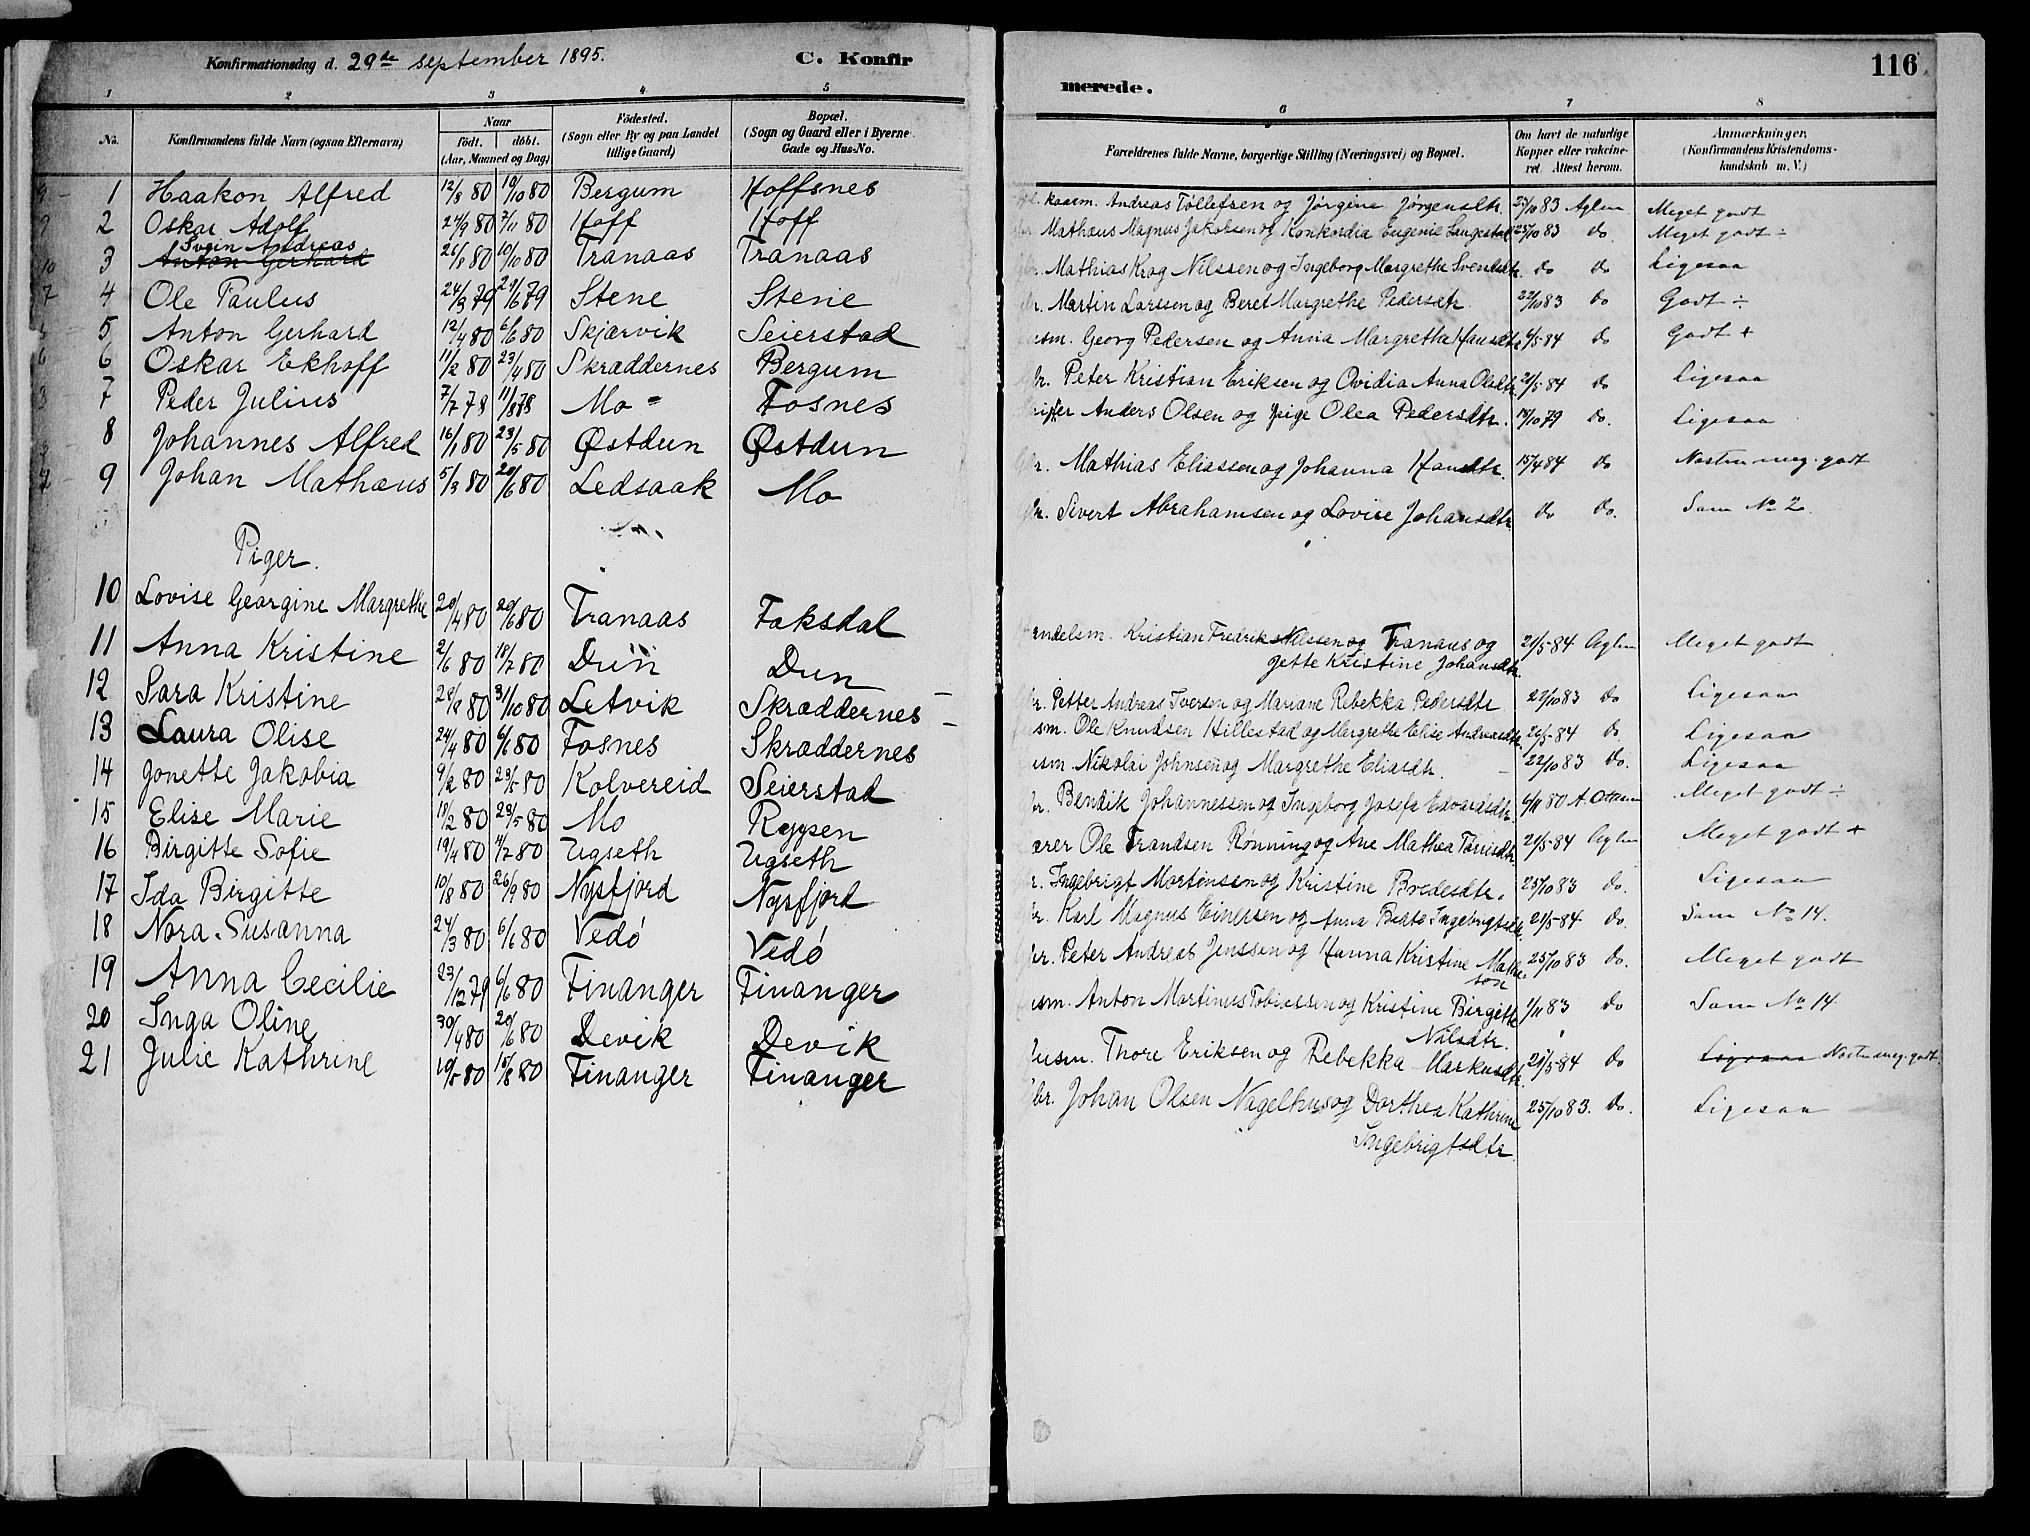 SAT, Ministerialprotokoller, klokkerbøker og fødselsregistre - Nord-Trøndelag, 773/L0617: Ministerialbok nr. 773A08, 1887-1910, s. 116